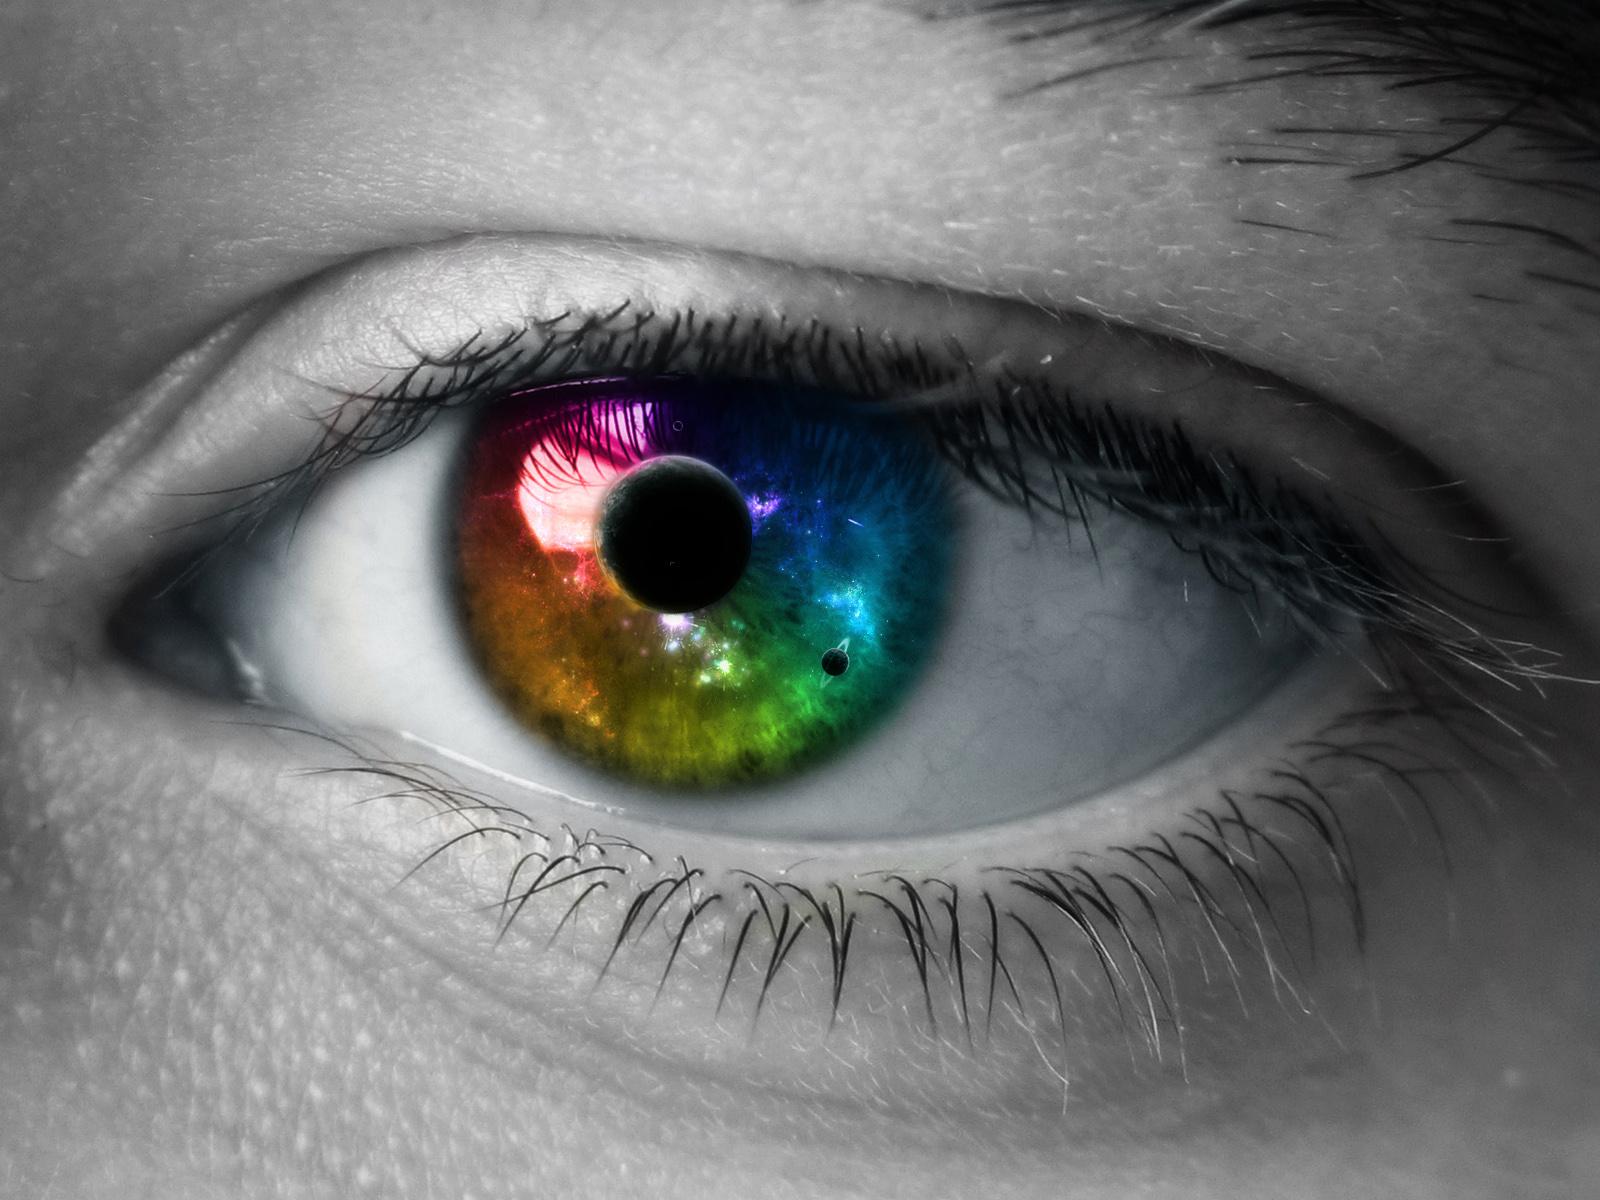 http://3.bp.blogspot.com/_eJAyLTAj1NM/TBEVLDALoMI/AAAAAAAAAyI/imWERPlZ7Dc/s1600/Eye+Wallpaper+17.jpg